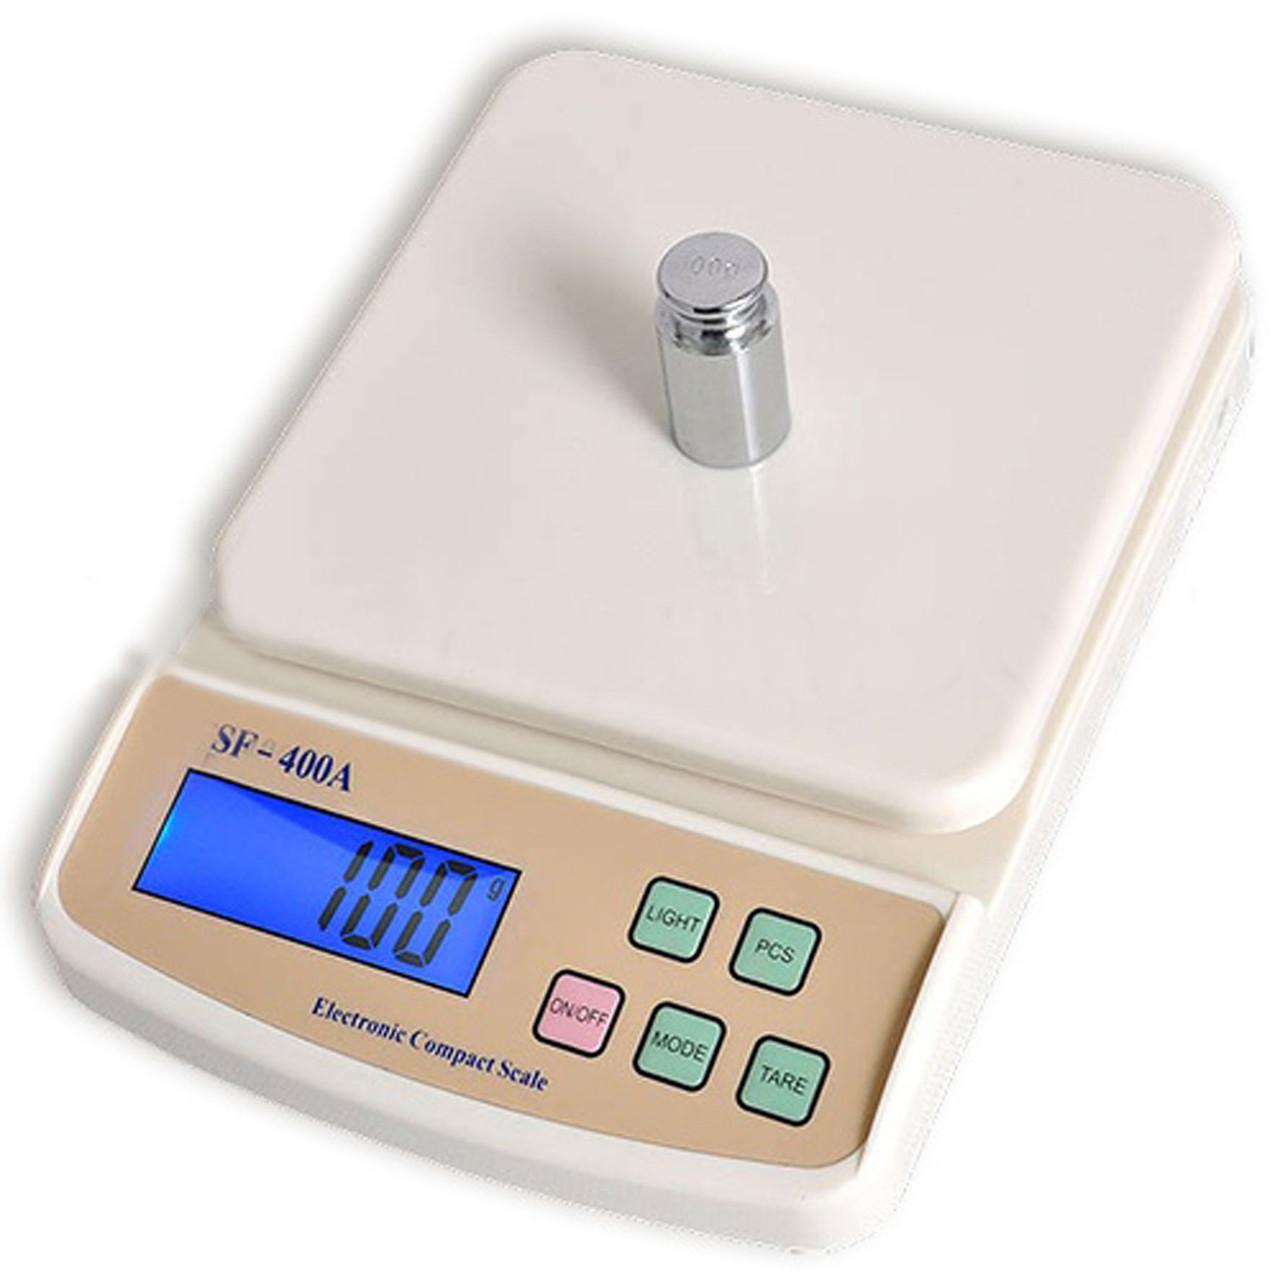 Ваги кухонні електронні SF 400A, 7кг/10 кг /6103 (електронні ваги)